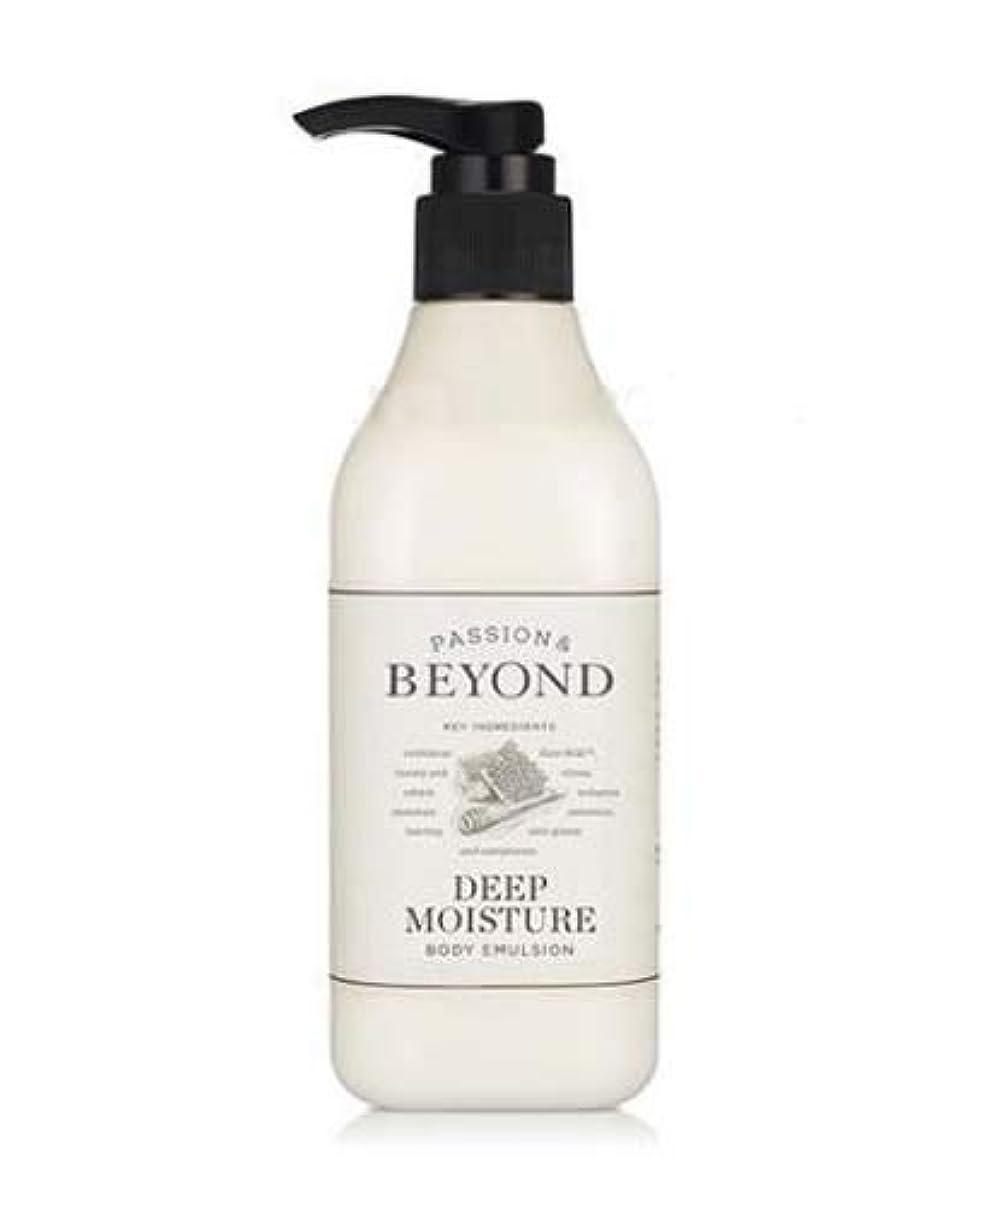 工業用疾患アンペア[ビヨンド] BEYOND [ディープモイスチャー ボディ エマルション 200ml] Deep Moisture Body Emulsion 200ml [海外直送品]